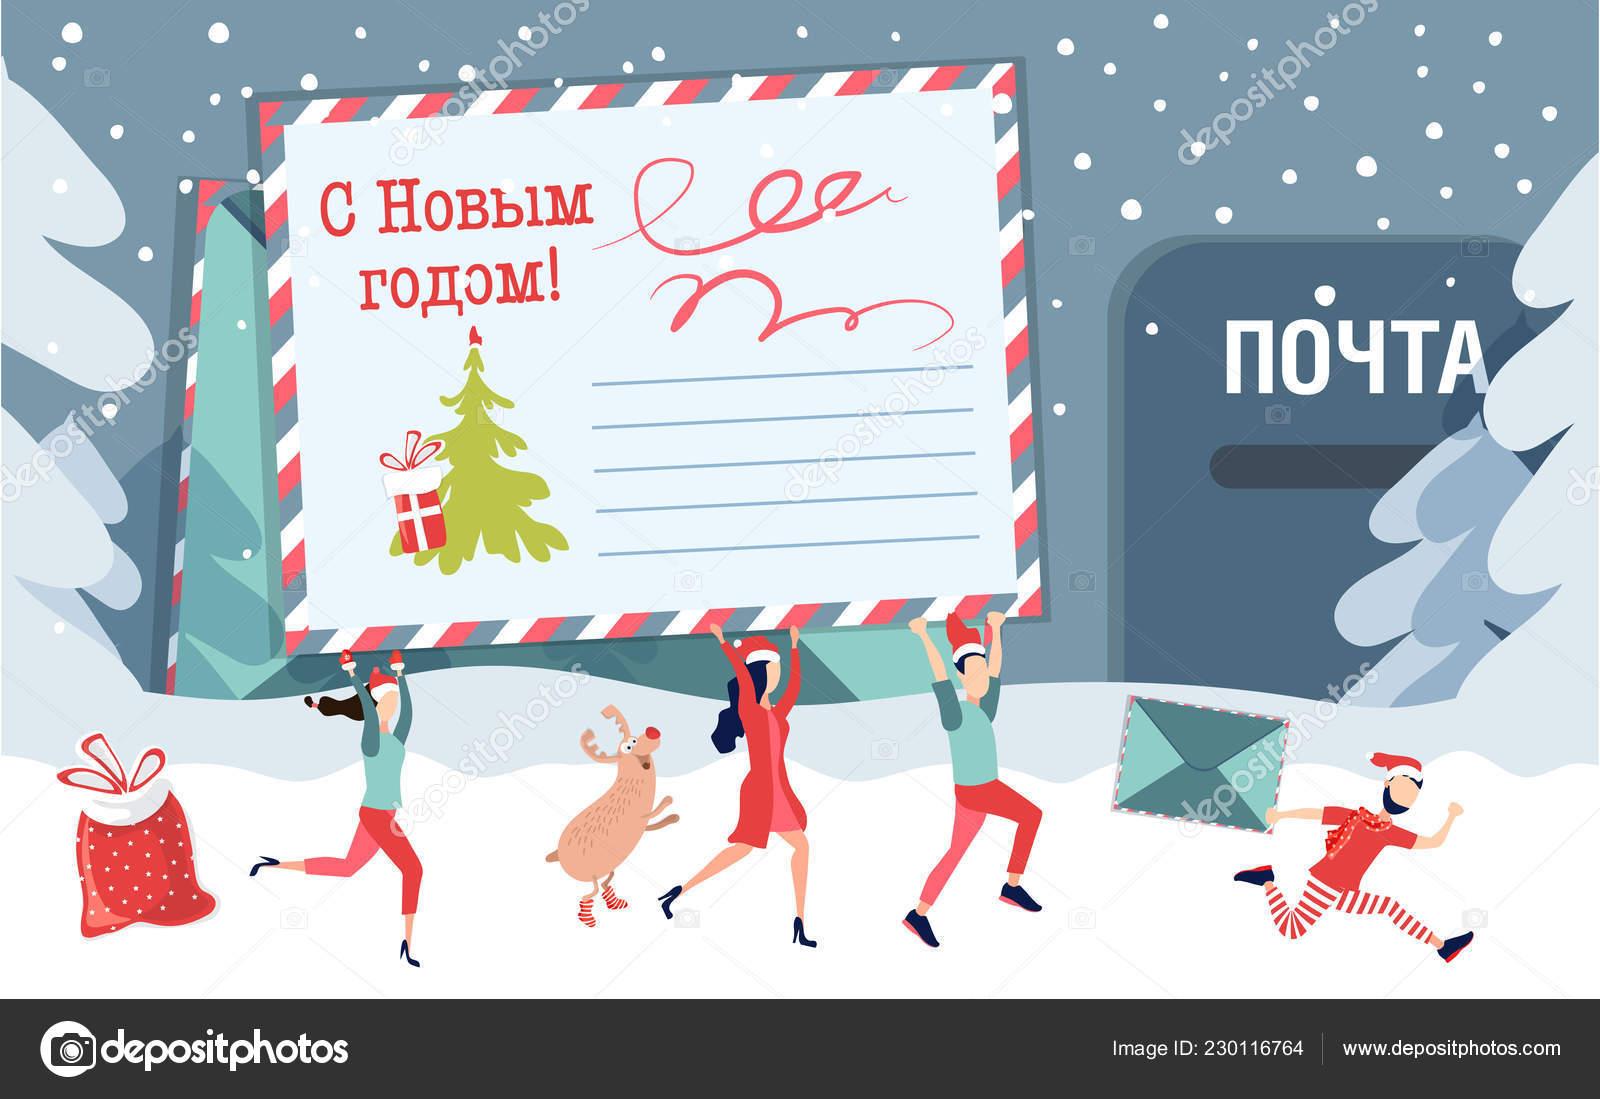 Carta De Felicitaciones De Navidad Y Ano Nuevo.Personas Envian Carta Ano Nuevo Felicitaciones Por Correo